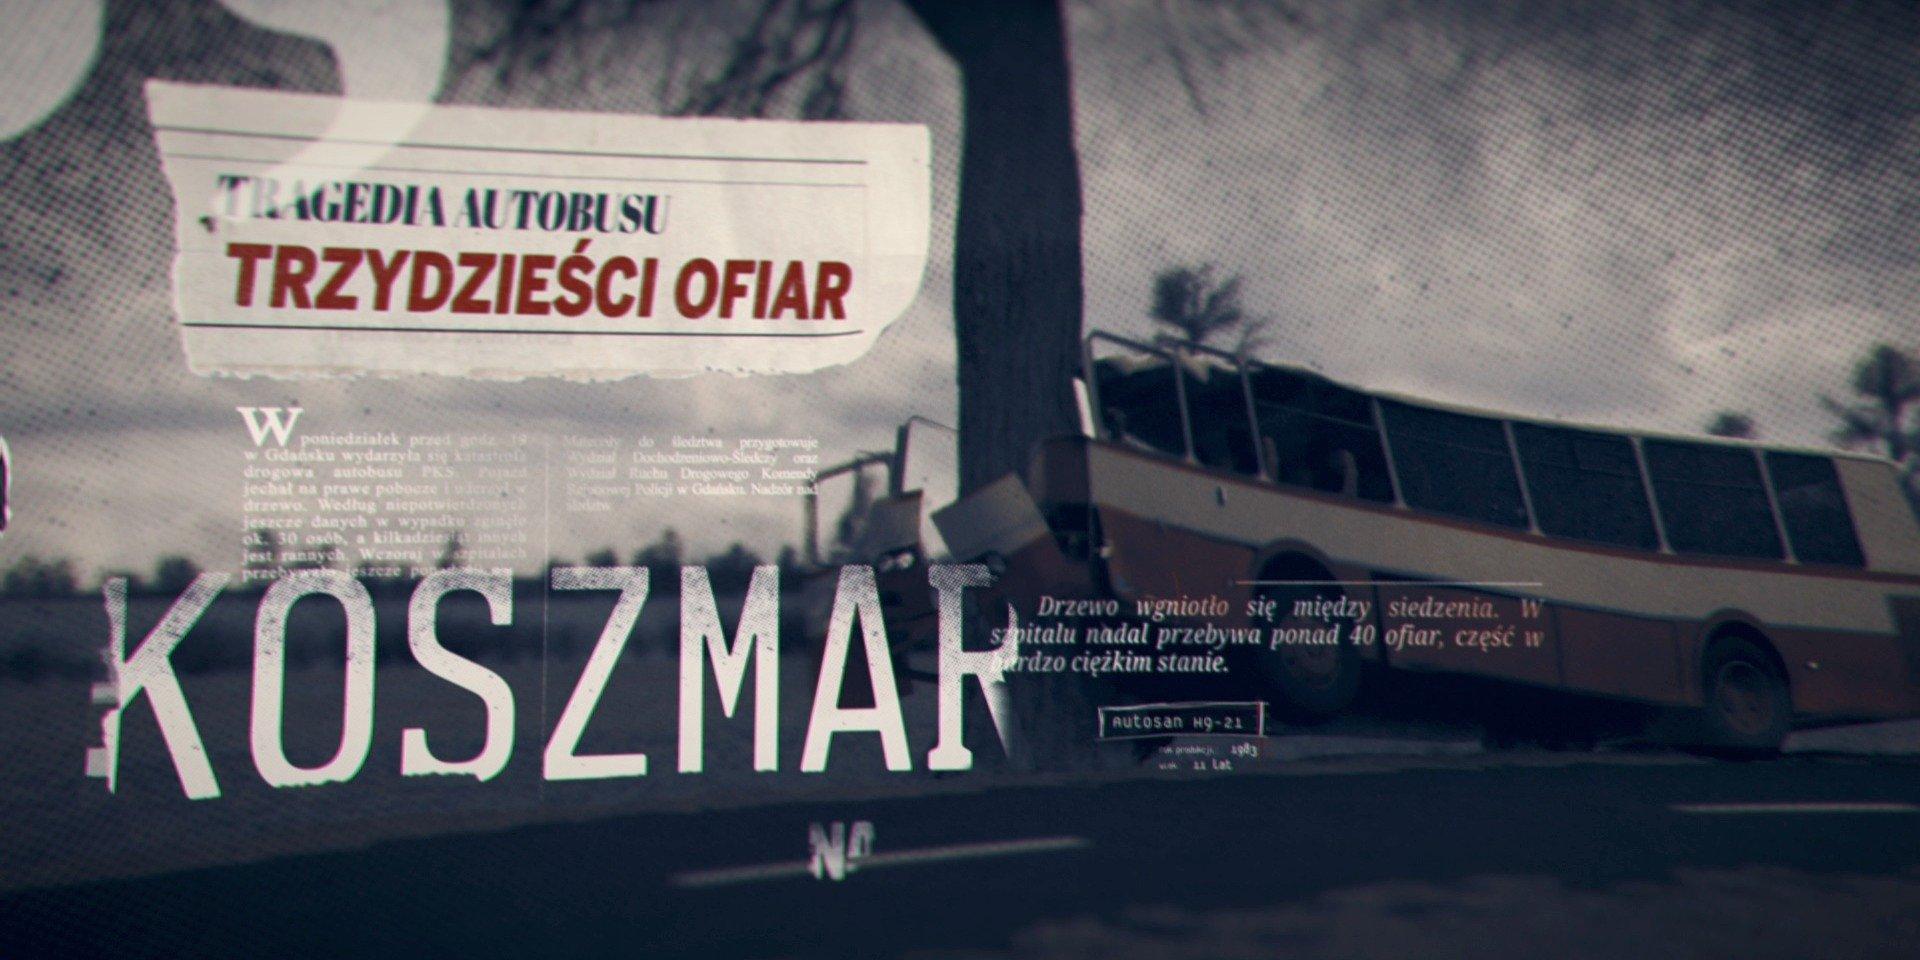 Największe polskie katastrofy: przyczyny najtragiczniejszego wypadku autobusu w Polsce